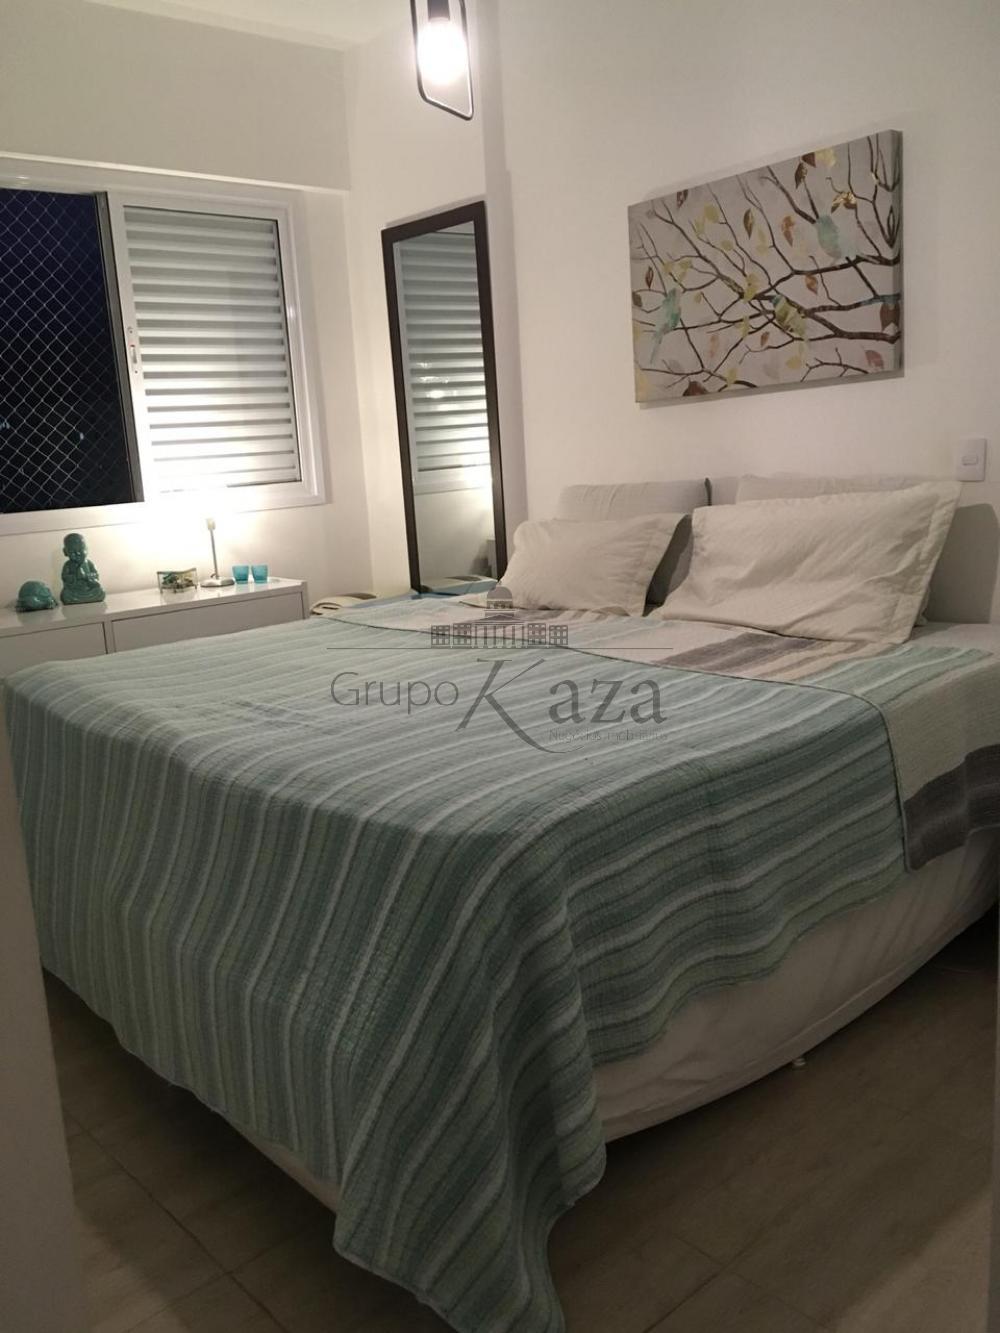 Alugar Apartamento / Padrão em São José dos Campos R$ 2.100,00 - Foto 8